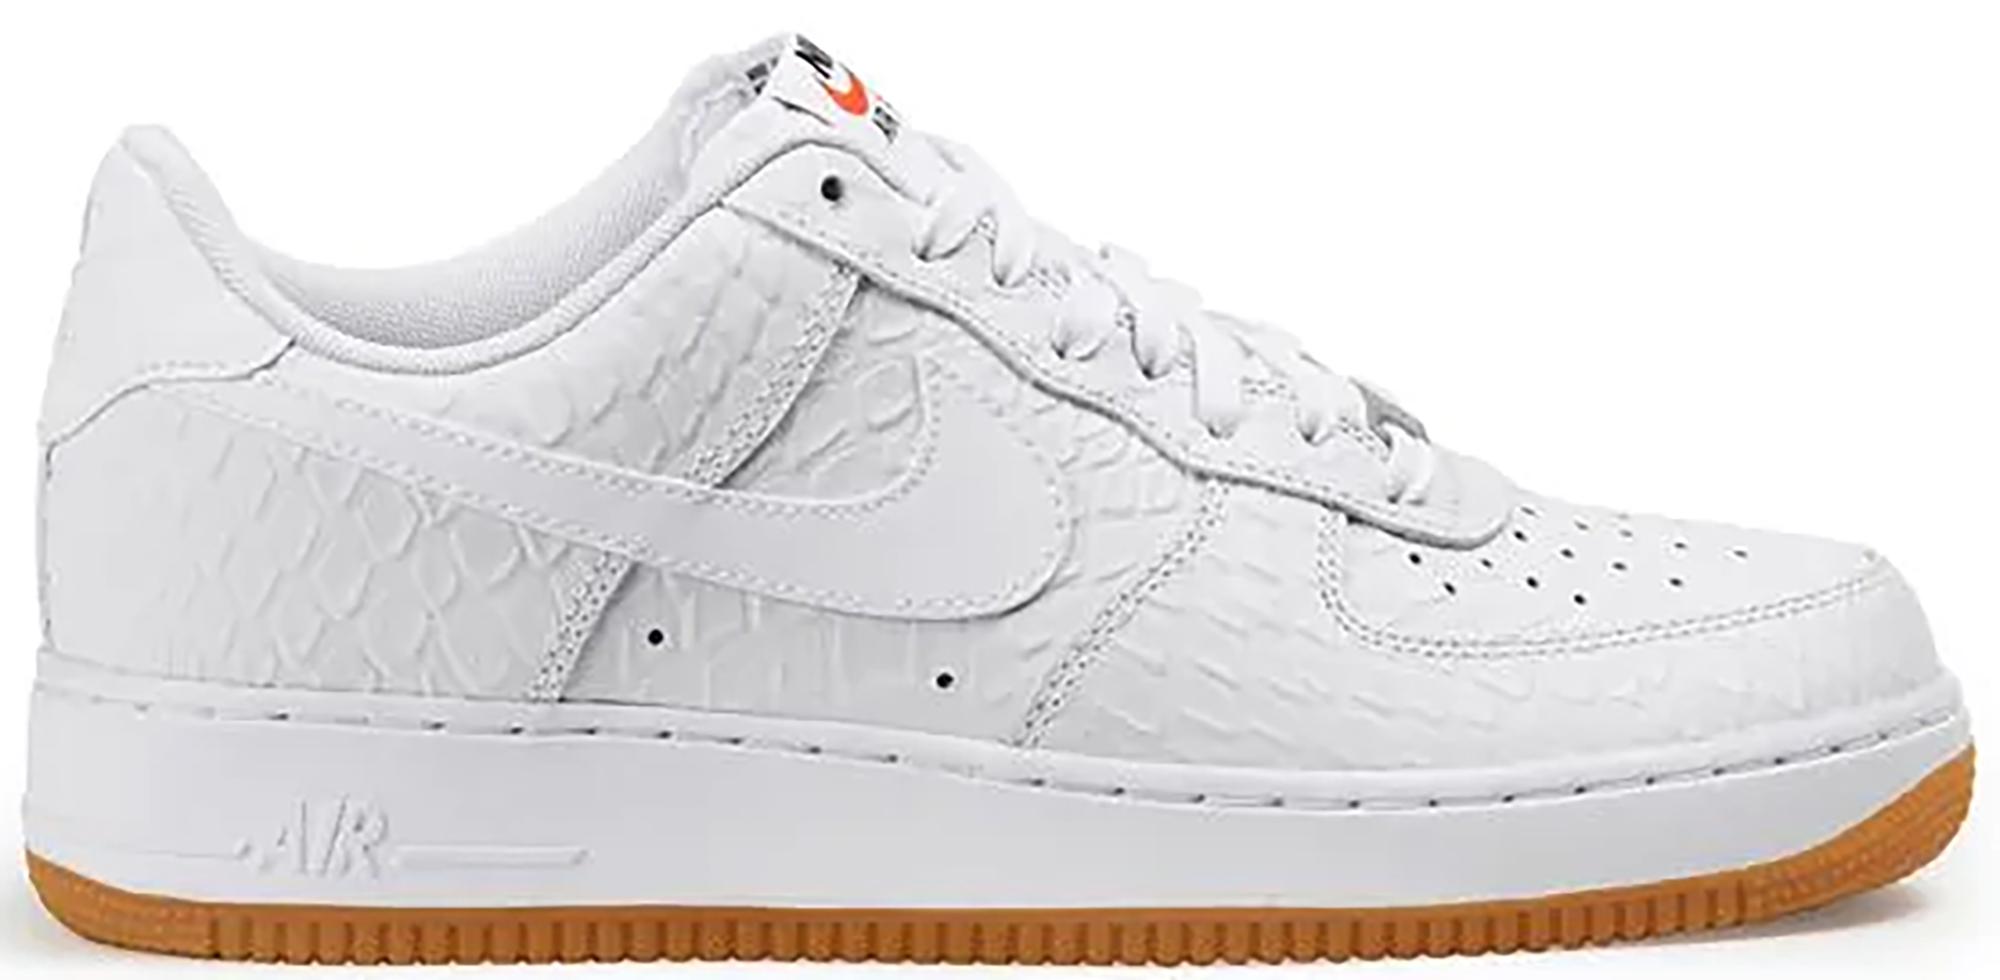 Nike Air Force 1 Low Croc Gum White